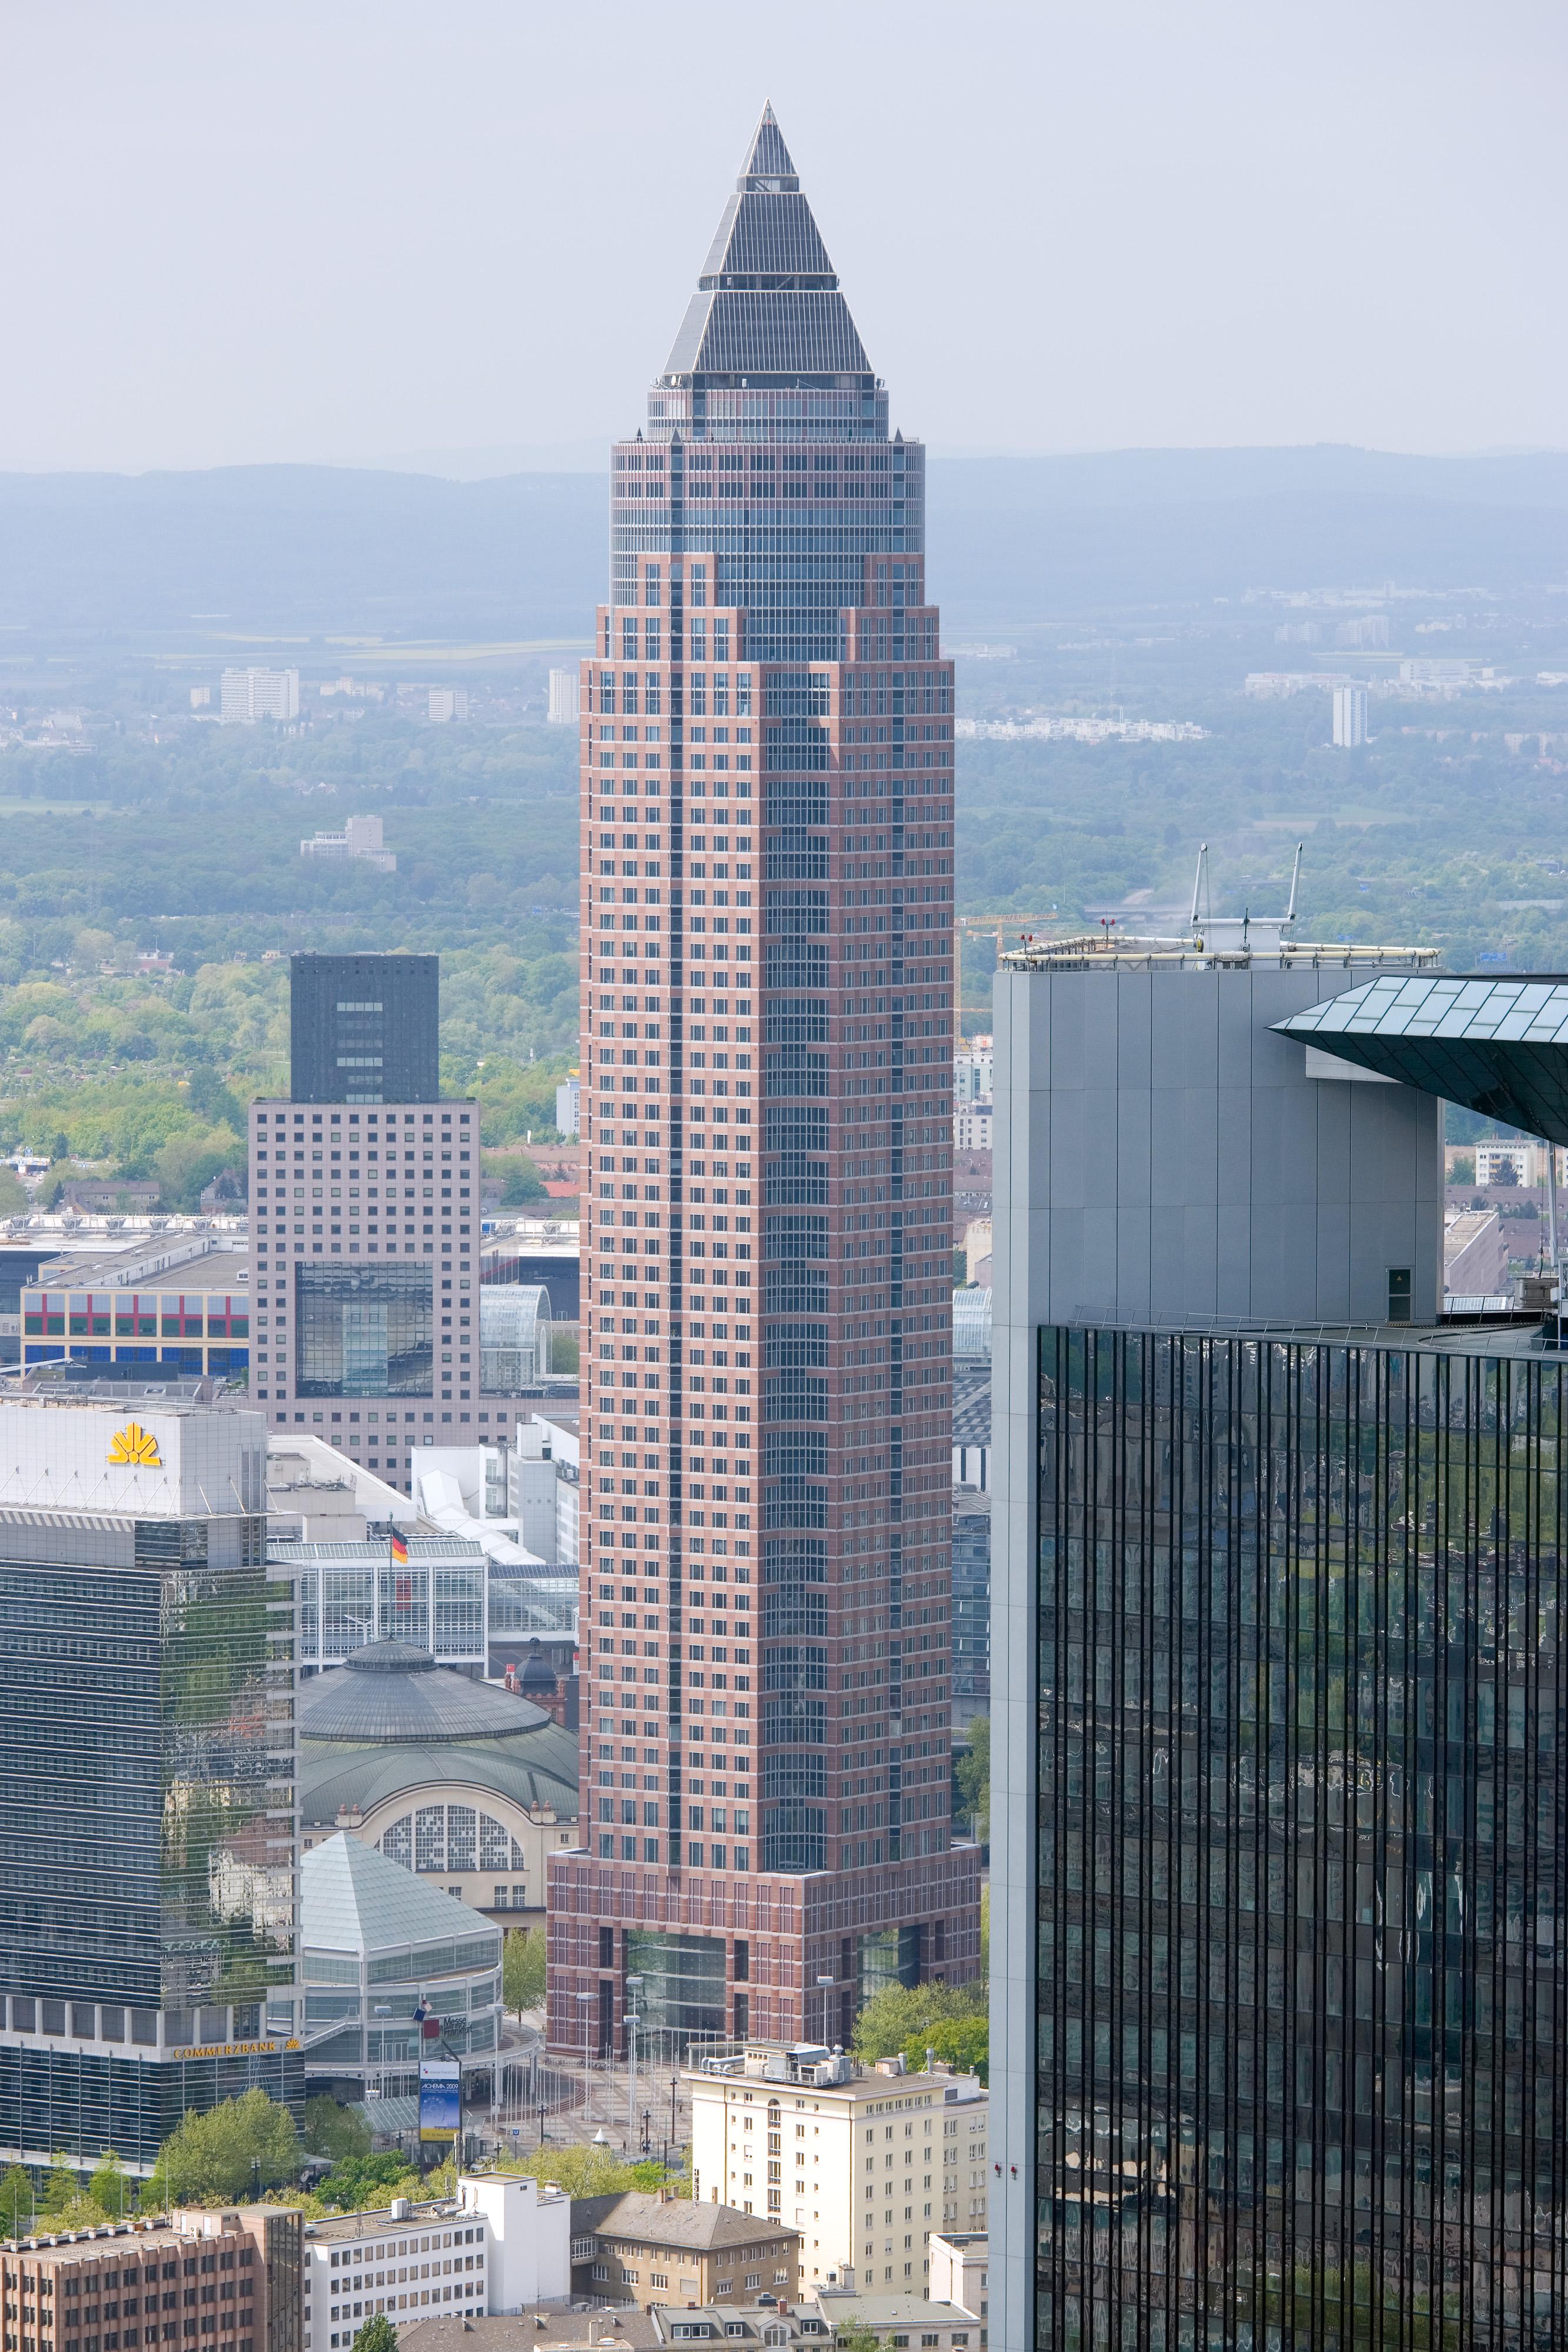 Stunden Building